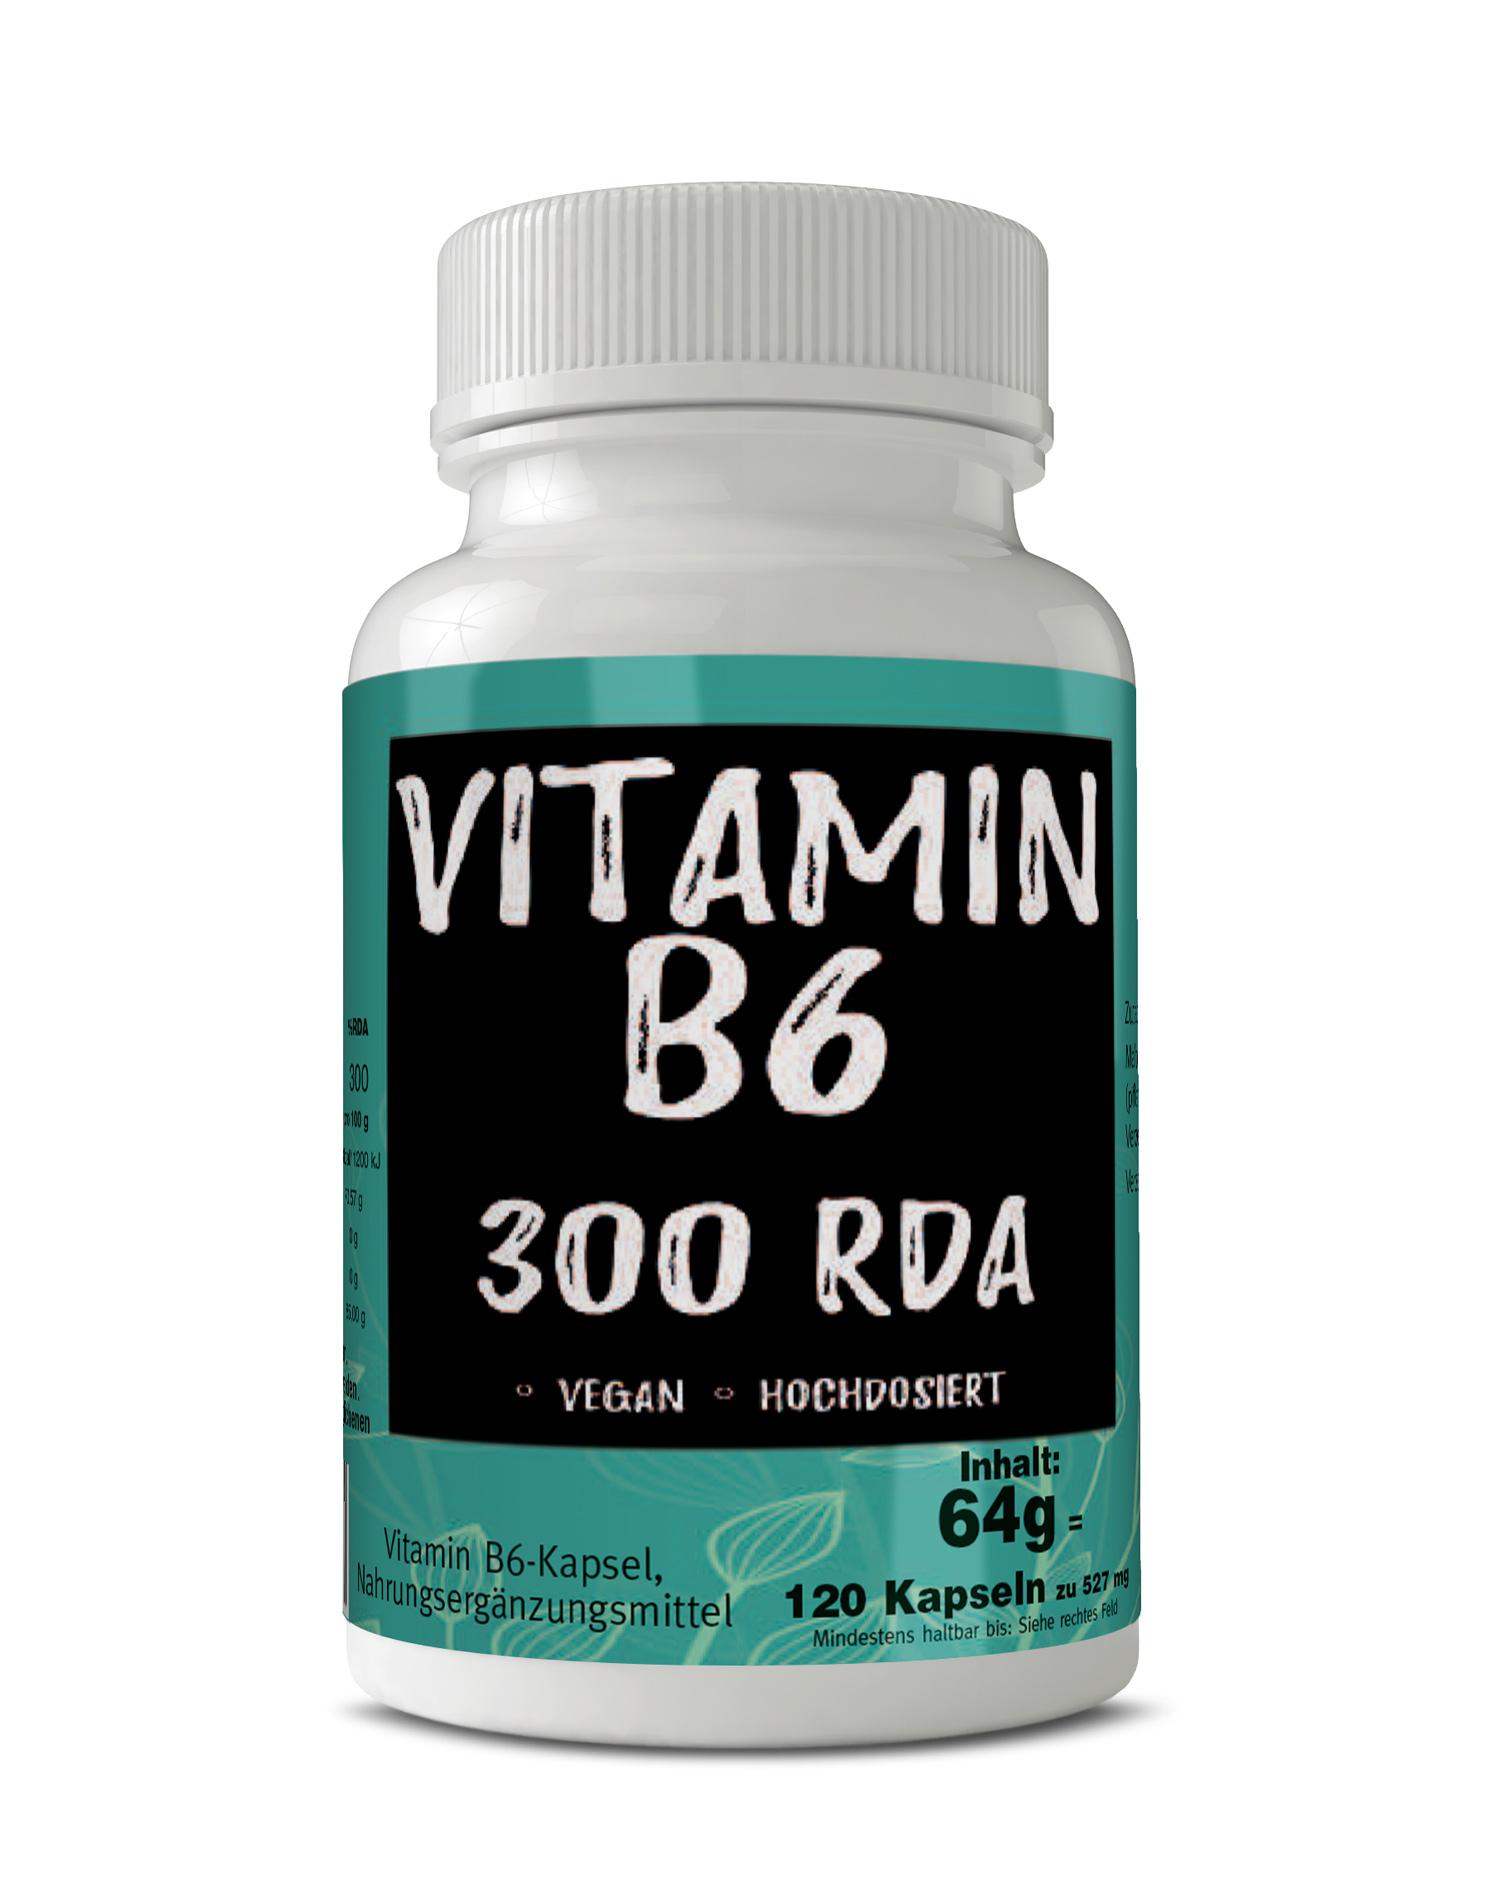 Vitamin B6 hochdosiert vegan Made in Germany versandfrei Auswahlgröße